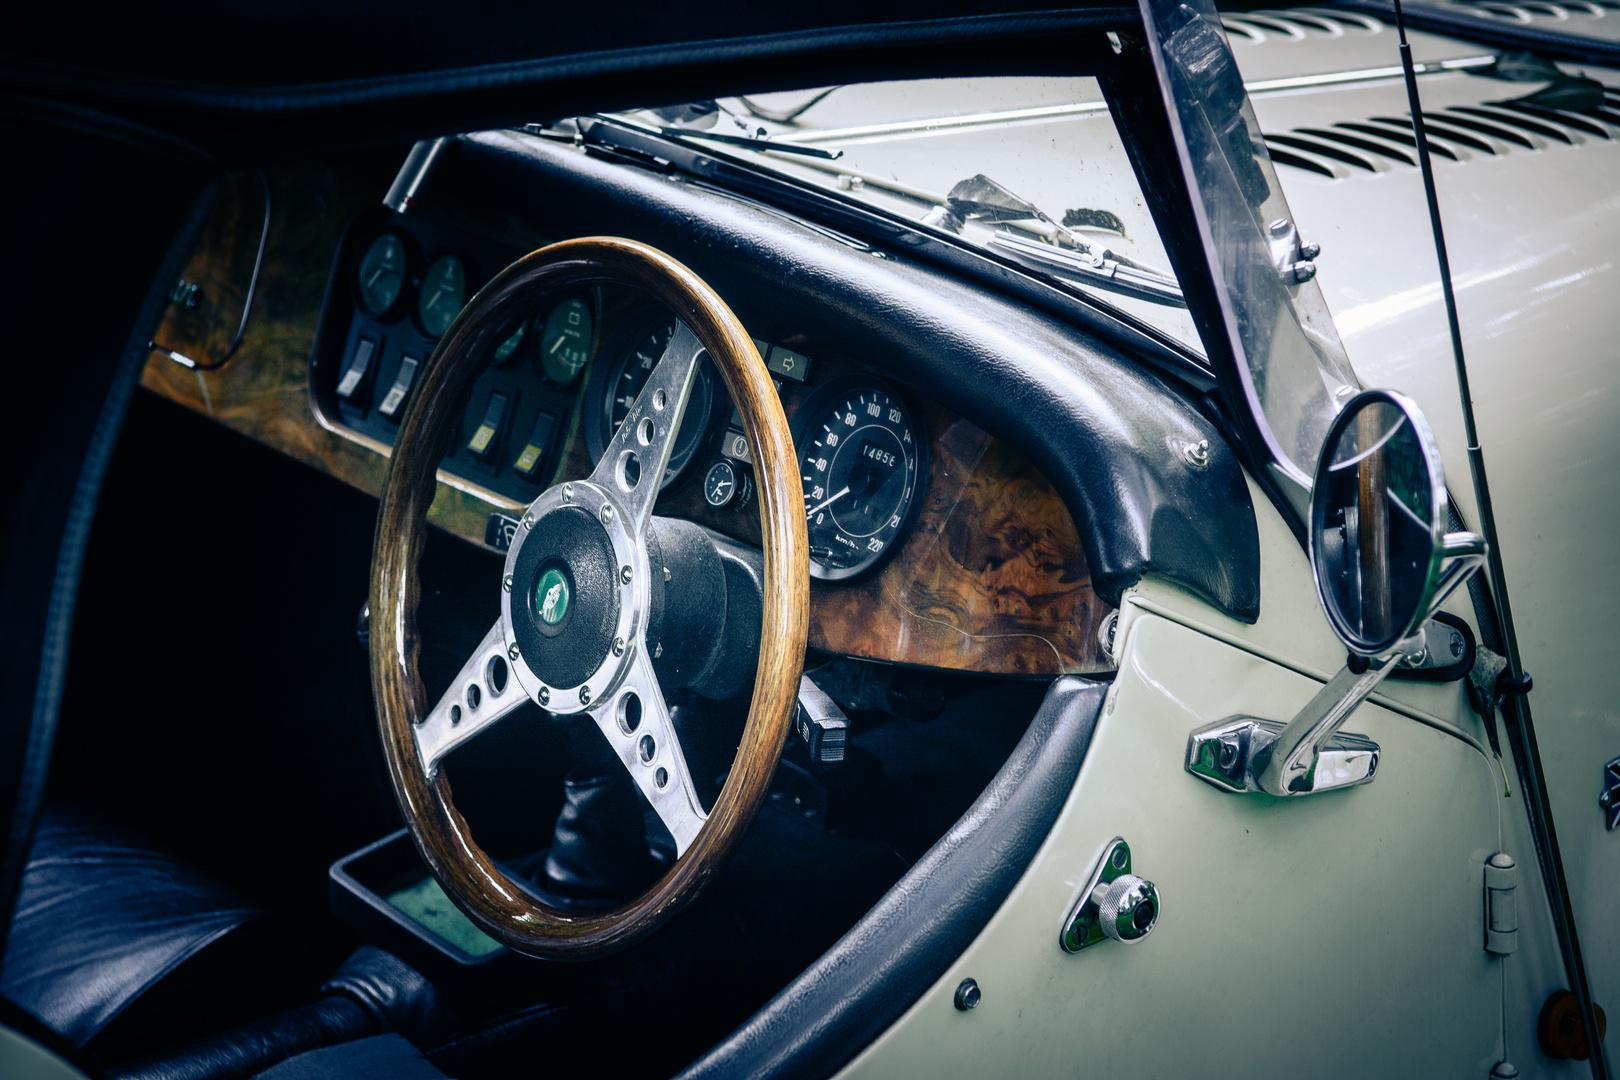 Morgan Roadster detail